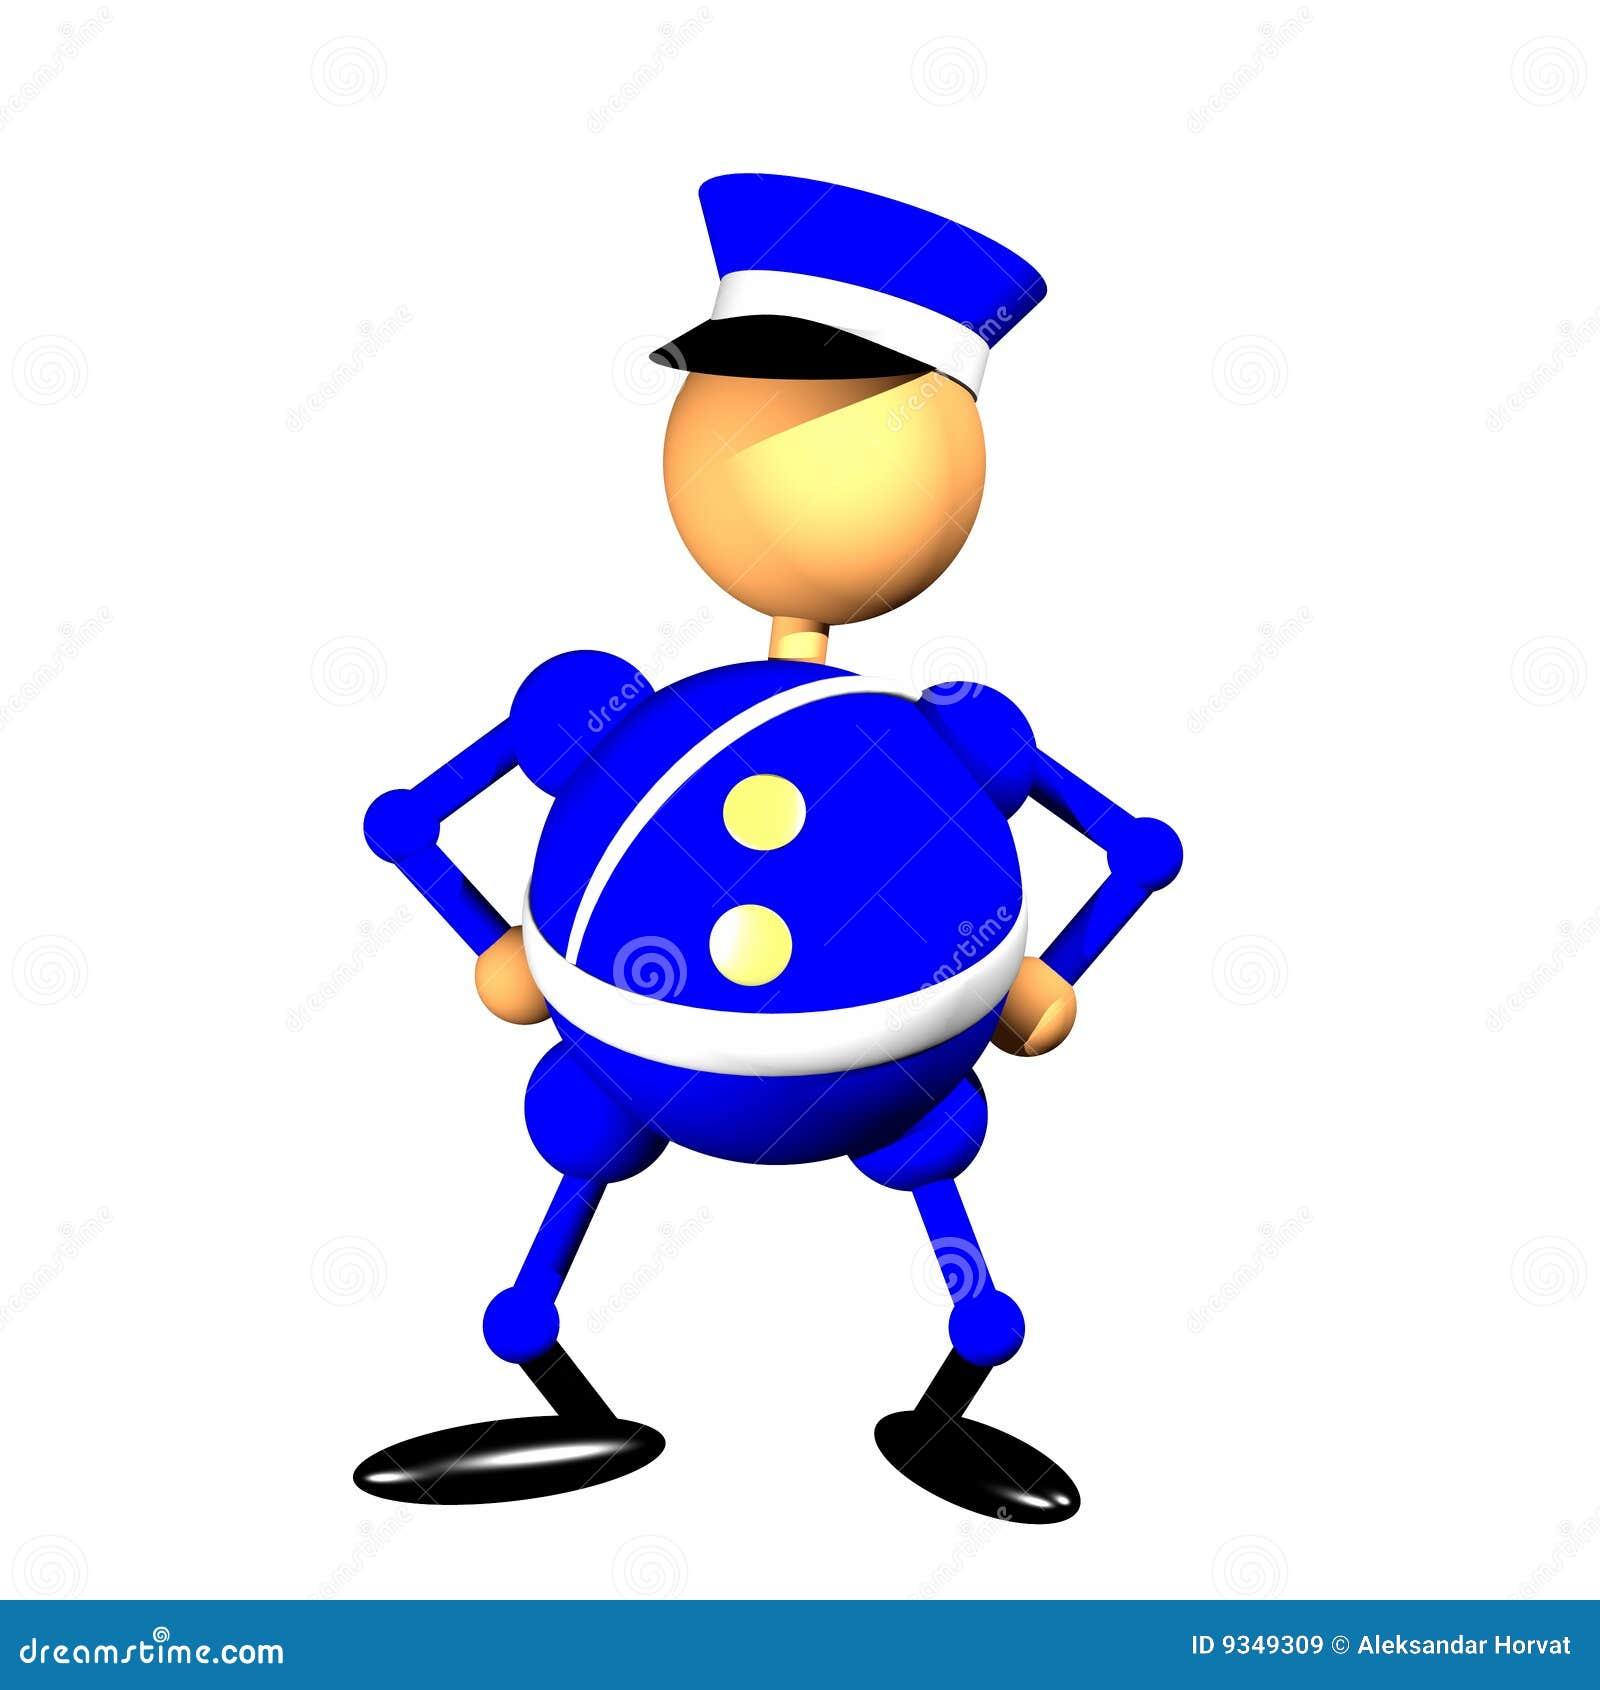 [ARRIBAPLAY] ROPG DE SONICO - Página 2 Policeman-clipart-9349309